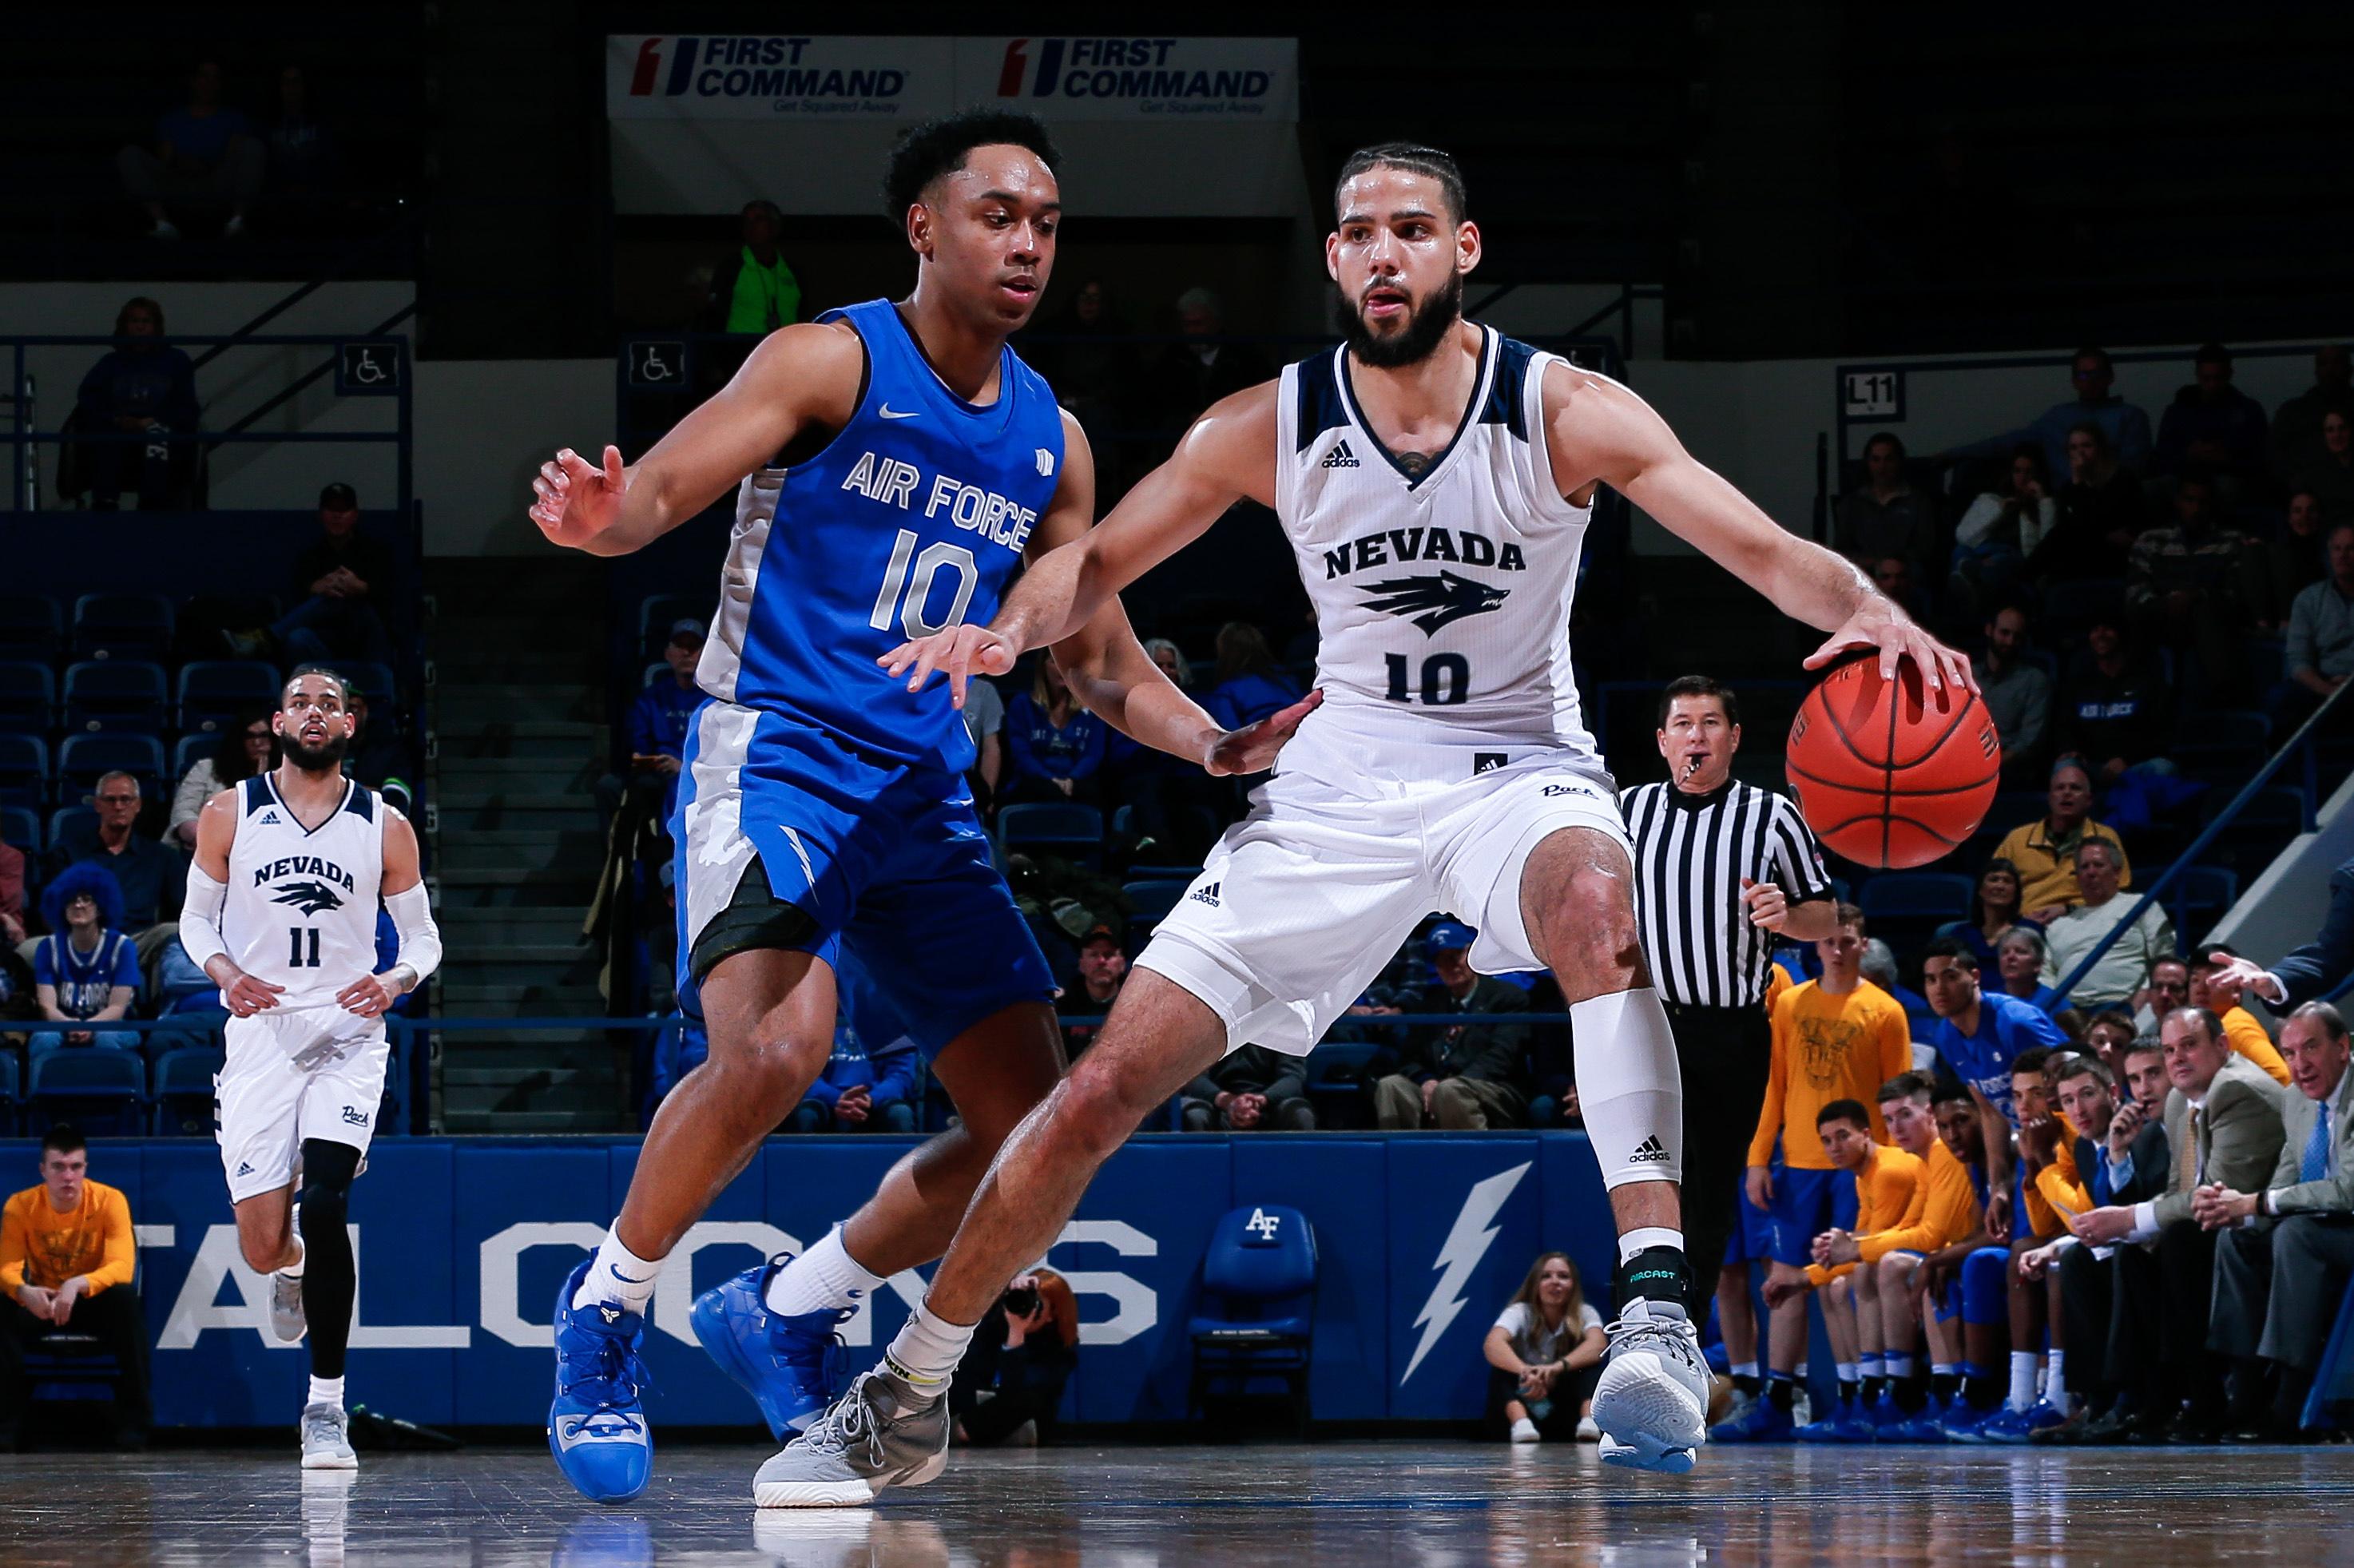 NCAA Basketball: Nevada at Air Force